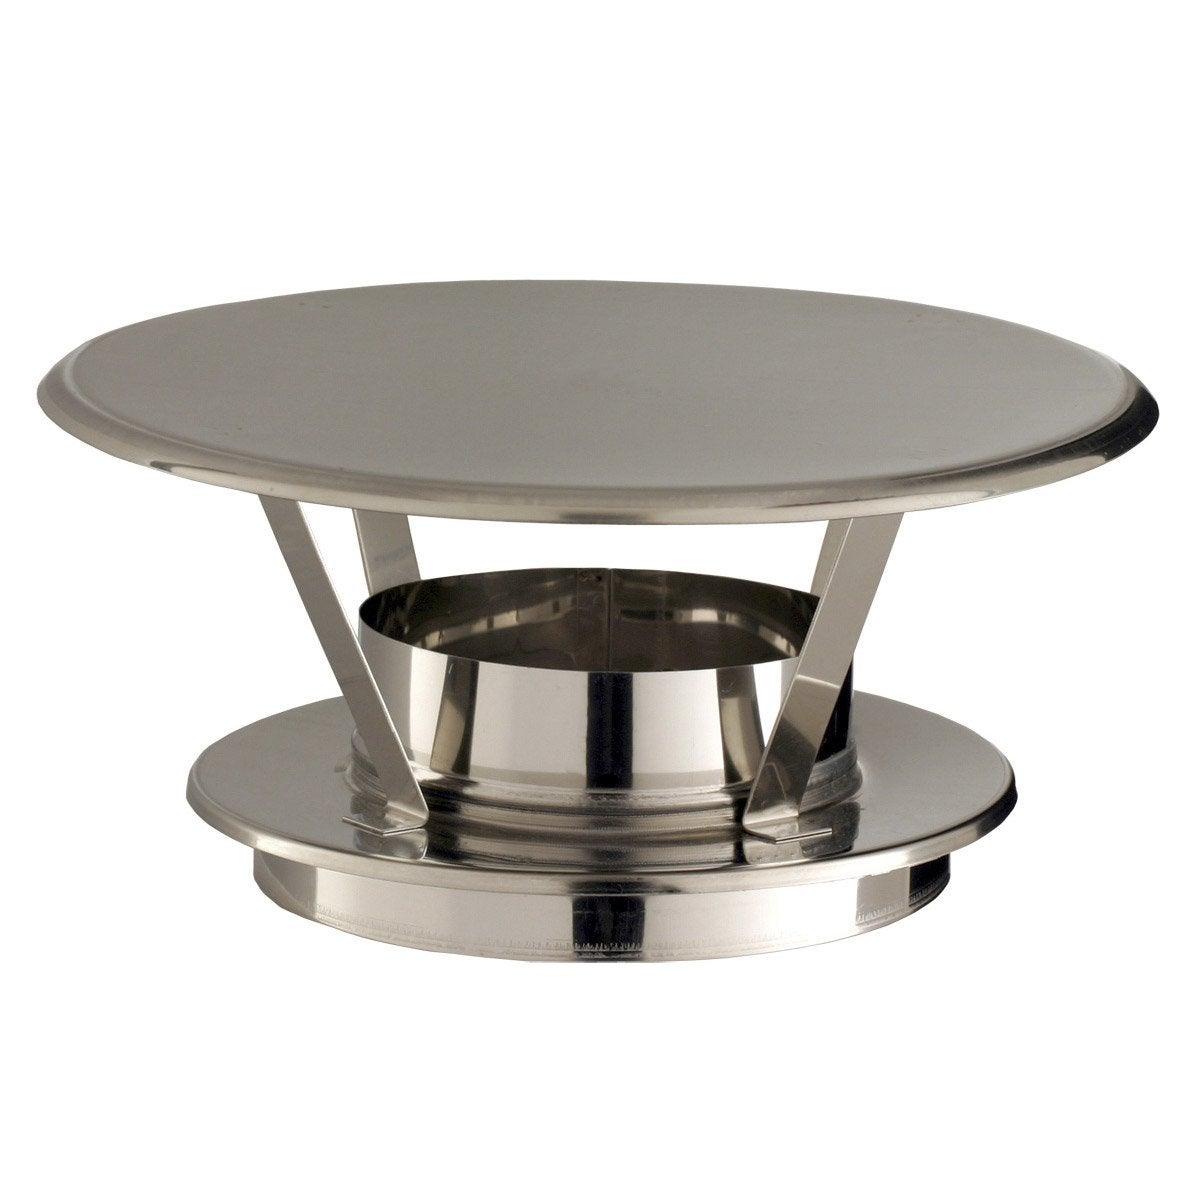 chapeau pare pluie simple poujoulat 180 mm leroy merlin. Black Bedroom Furniture Sets. Home Design Ideas